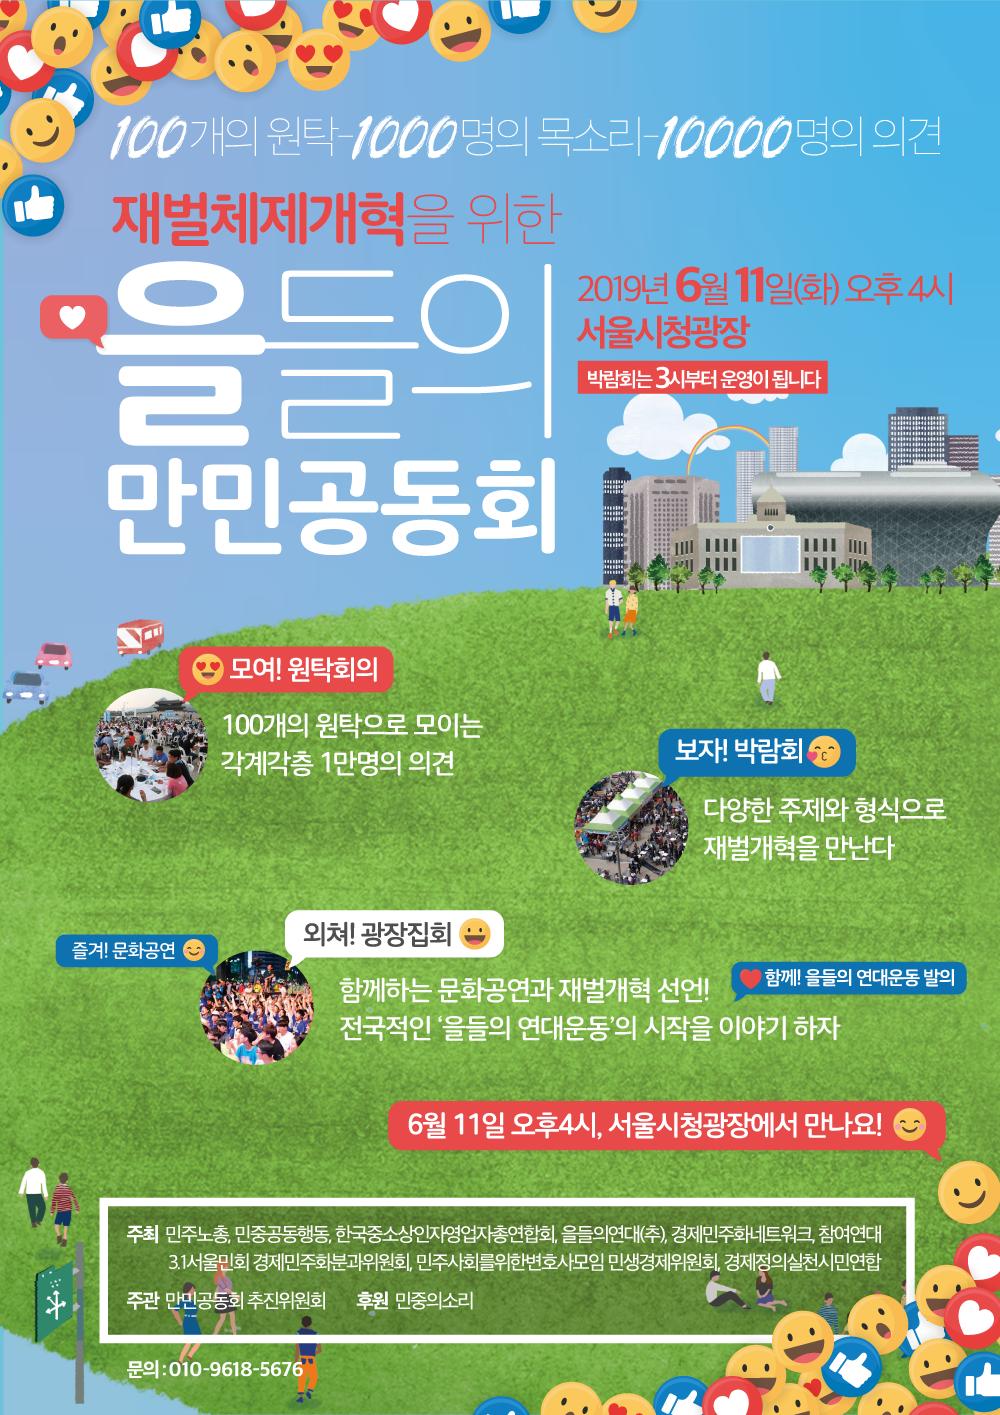 을들의만민공동회2.png